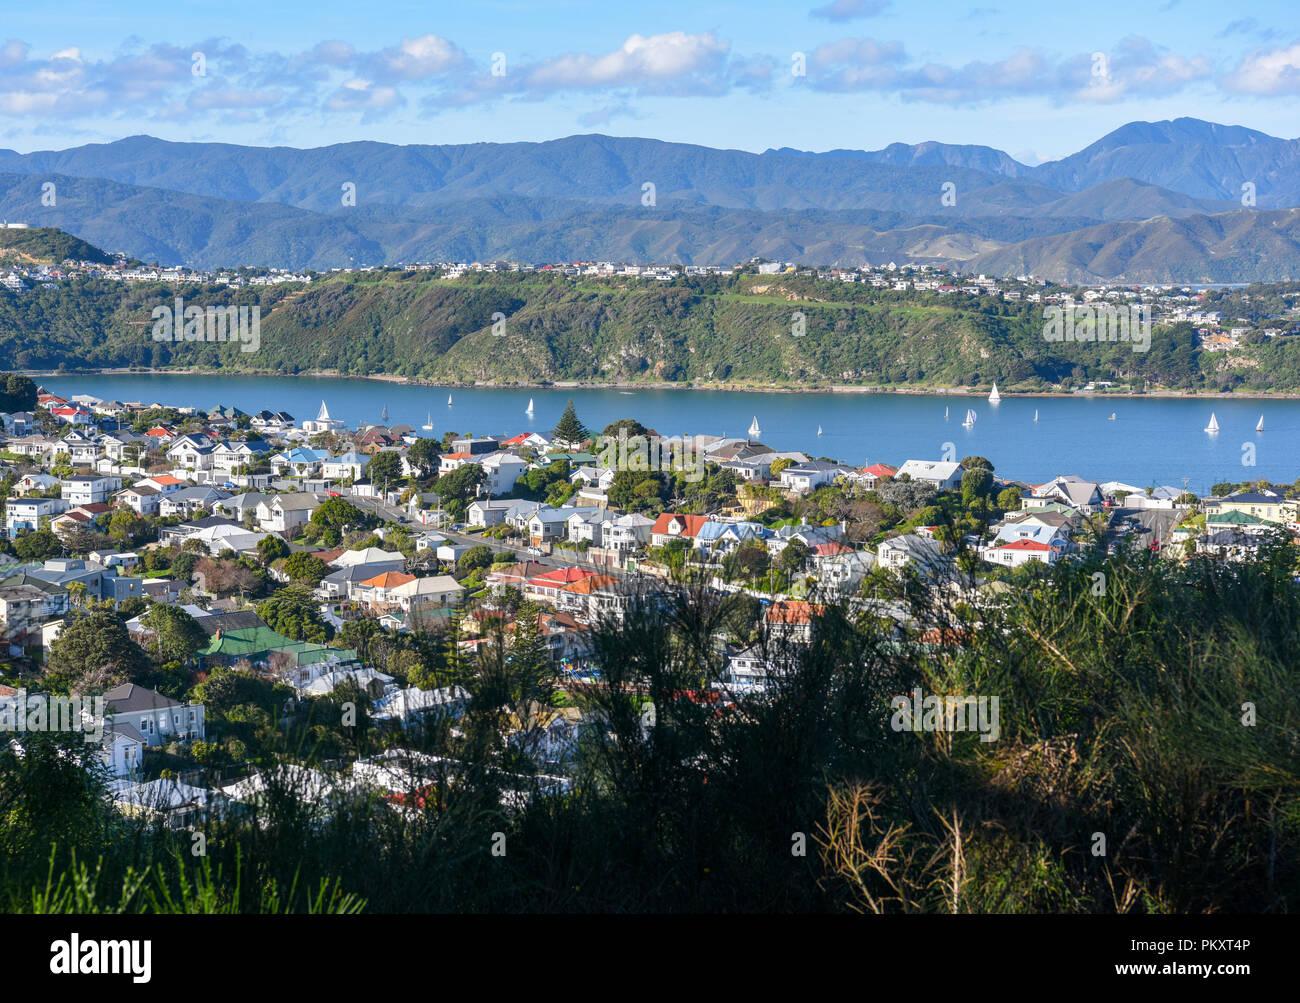 """Wellington. 14 Luglio, 2018. Foto scattata a luglio 14, 2018 mostra lo scenario di Wellington, in Nuova Zelanda. Wellington è stata nominata la Nuova Zelanda la migliore destinazione nelle ultime Lonely Planet guida, con la città con marchio """"una delle più incredibili capitali del piccolo nel mondo"""". Credito: Guo Lei/Xinhua/Alamy Live News Immagini Stock"""